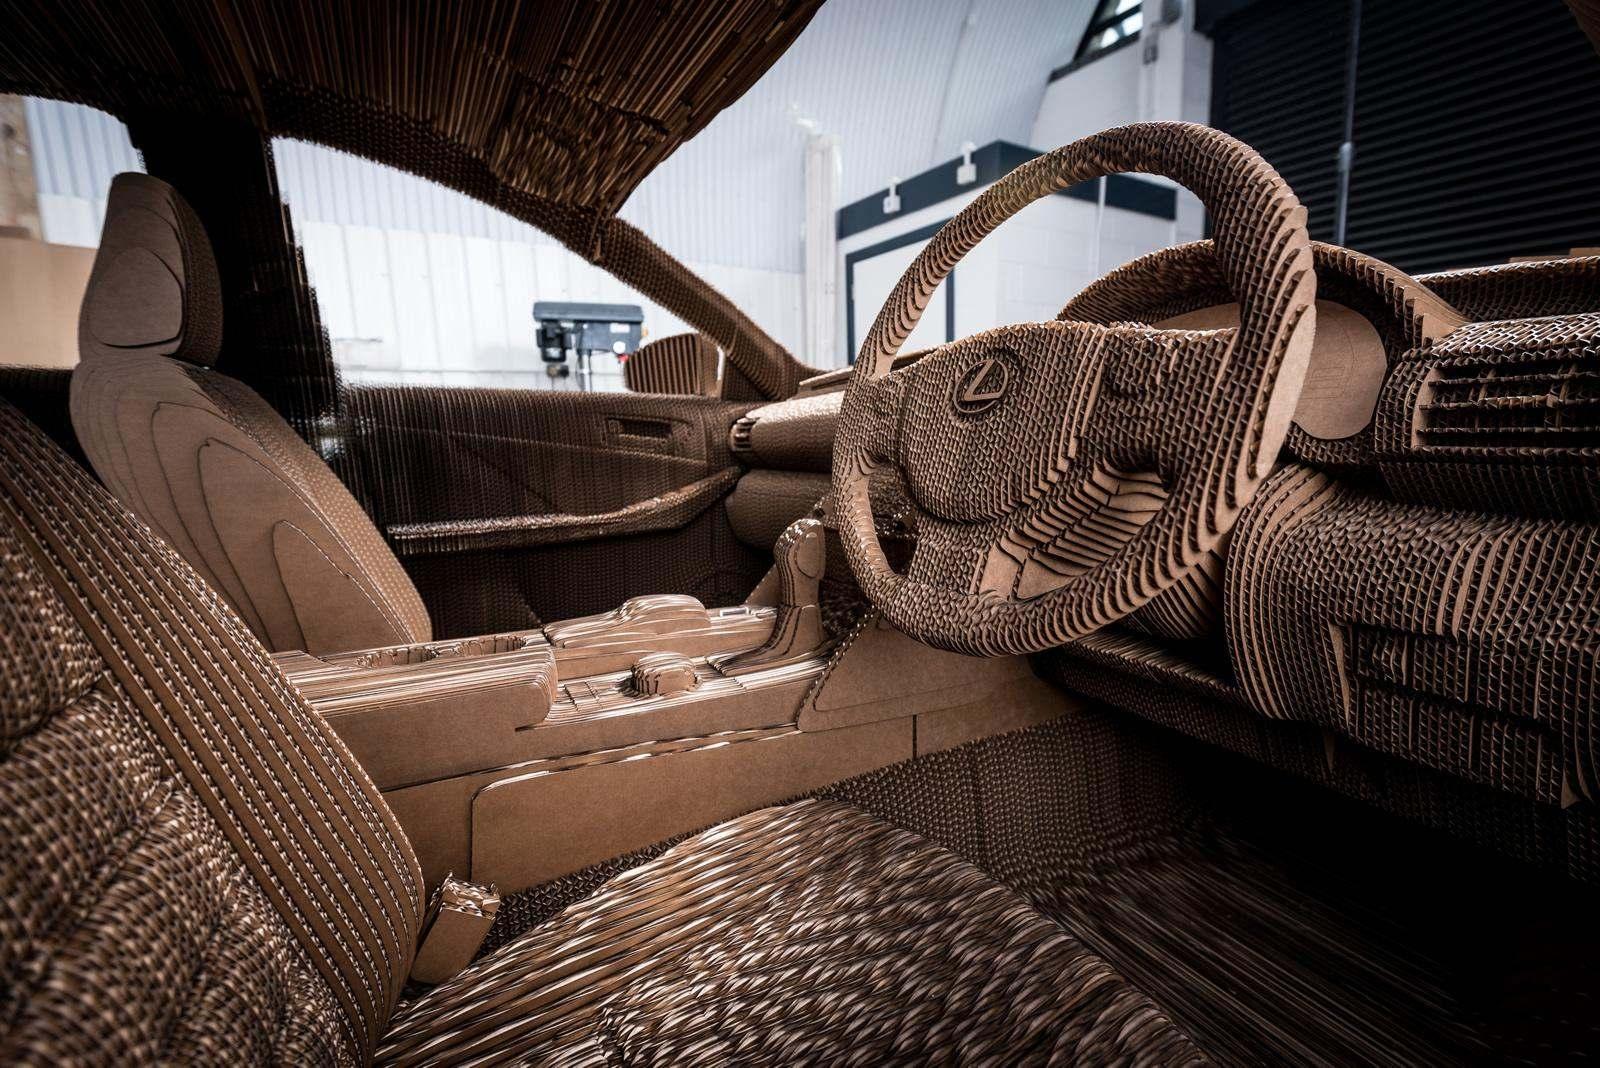 [Image: S0-Lexus-devoile-une-IS-roulante-en-carton-363717.jpg]